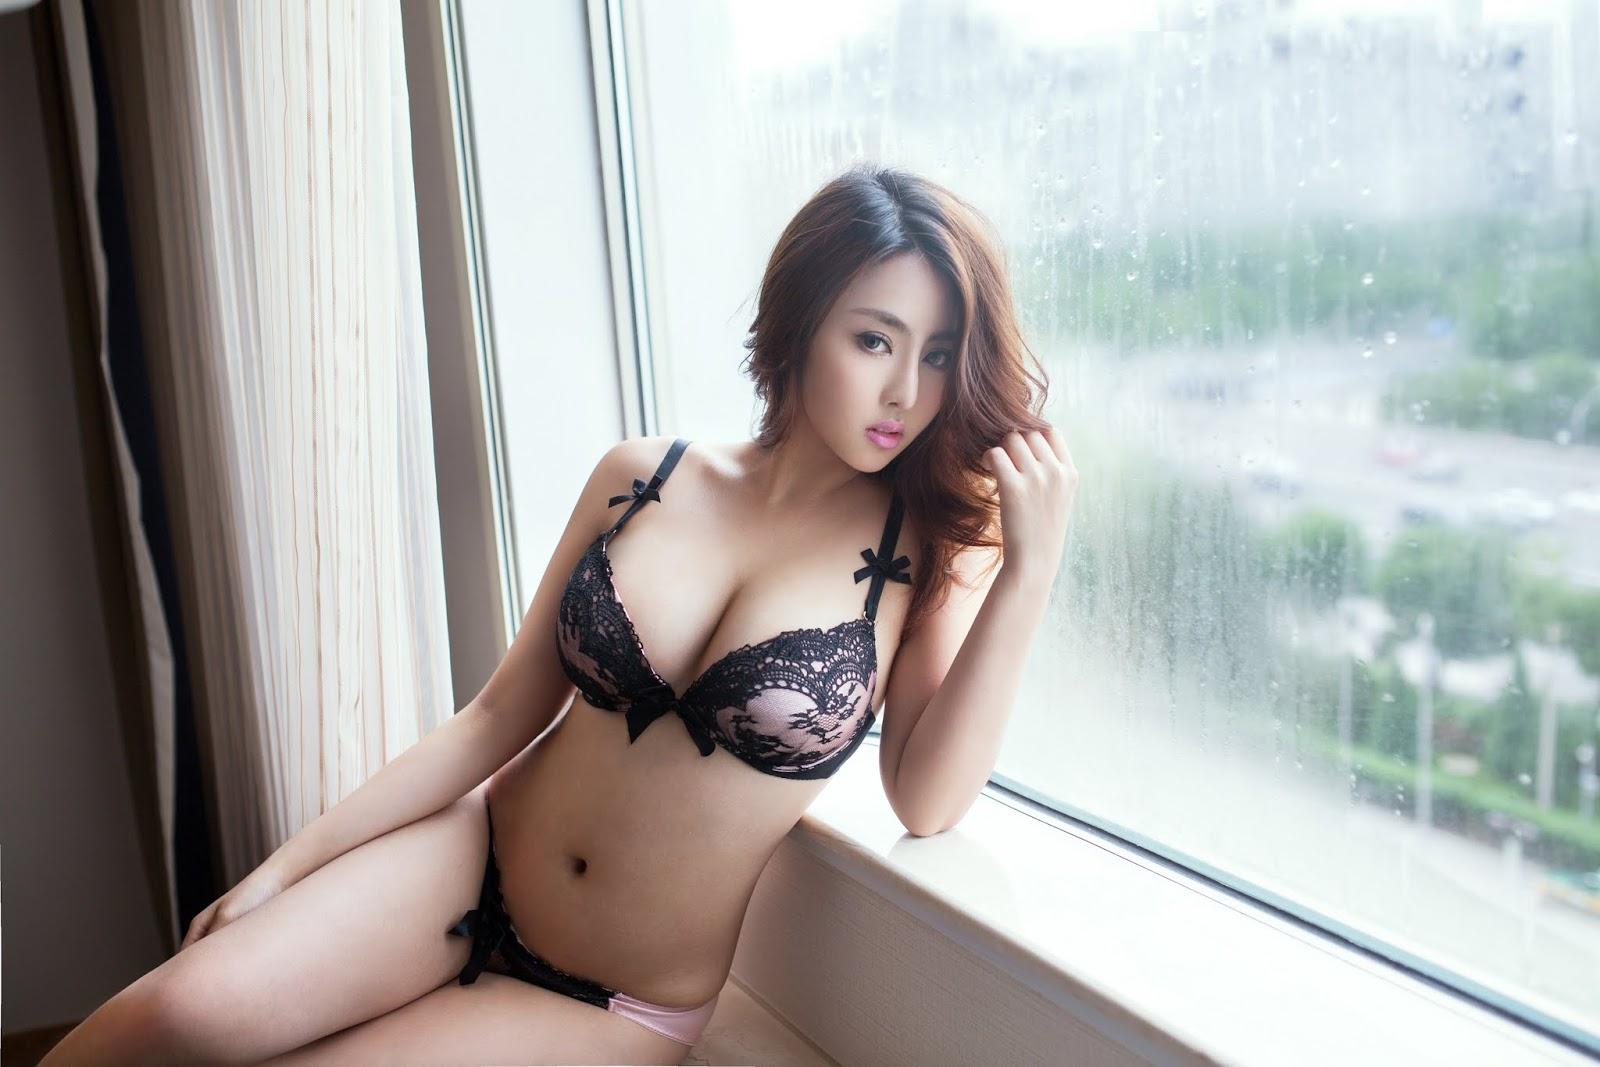 TuiGirl 10 - Sexy Model TUIGIRL NO.17 Nude